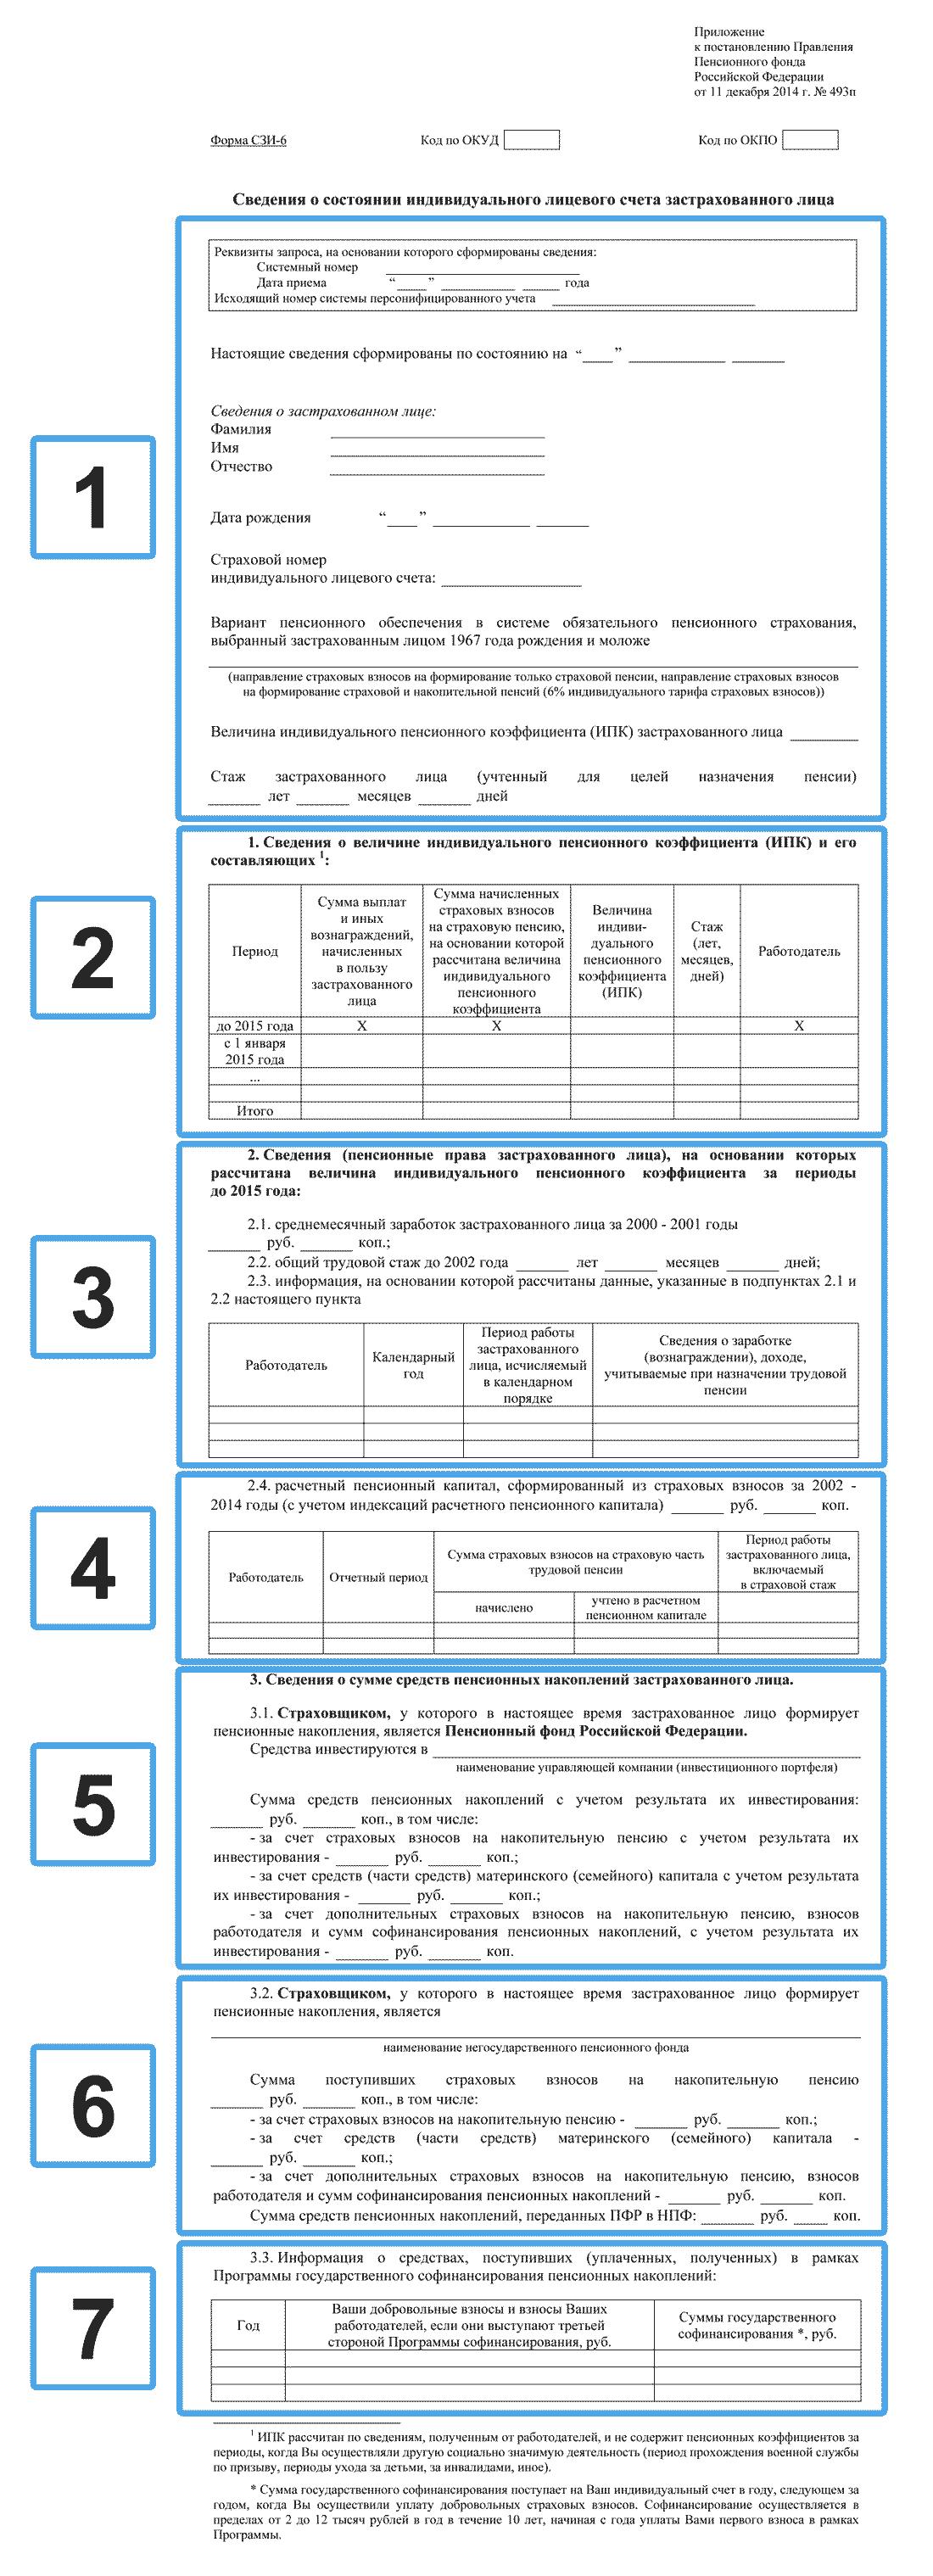 Как читать сведения о состоянии индивидуального лицевого счета с 2015 года